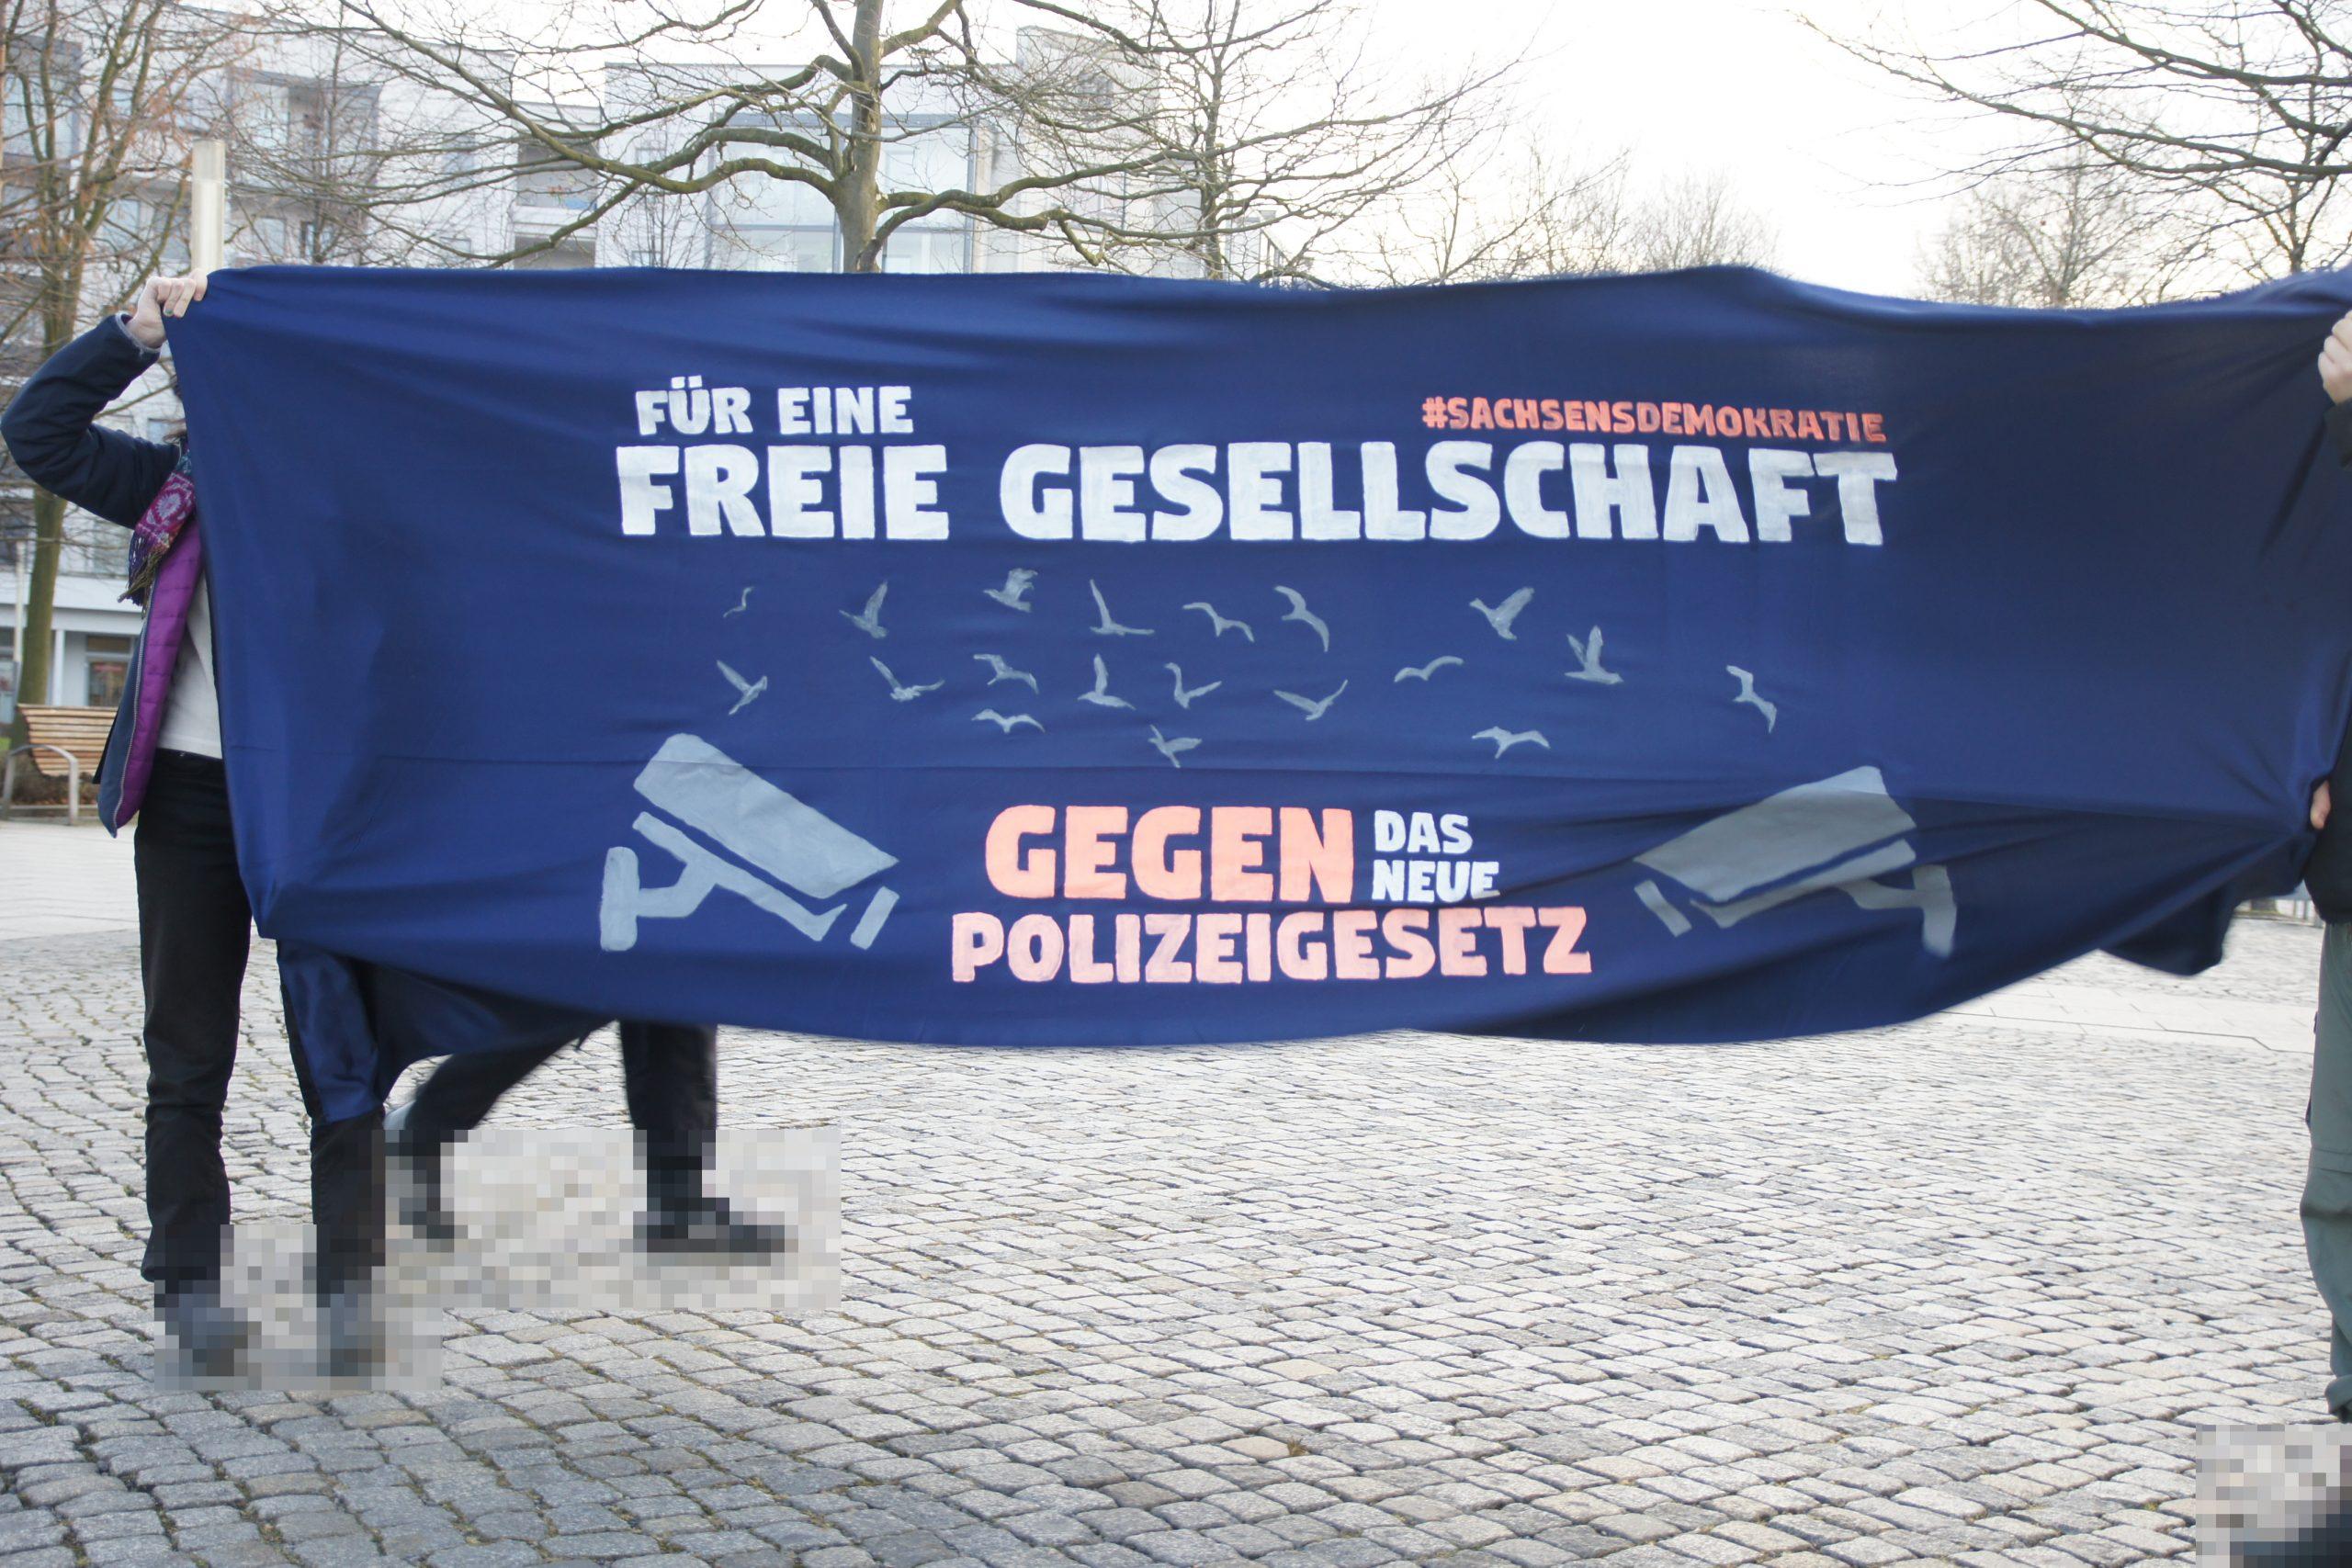 Stoppt das neue Polizeigesetz in Sachsen!